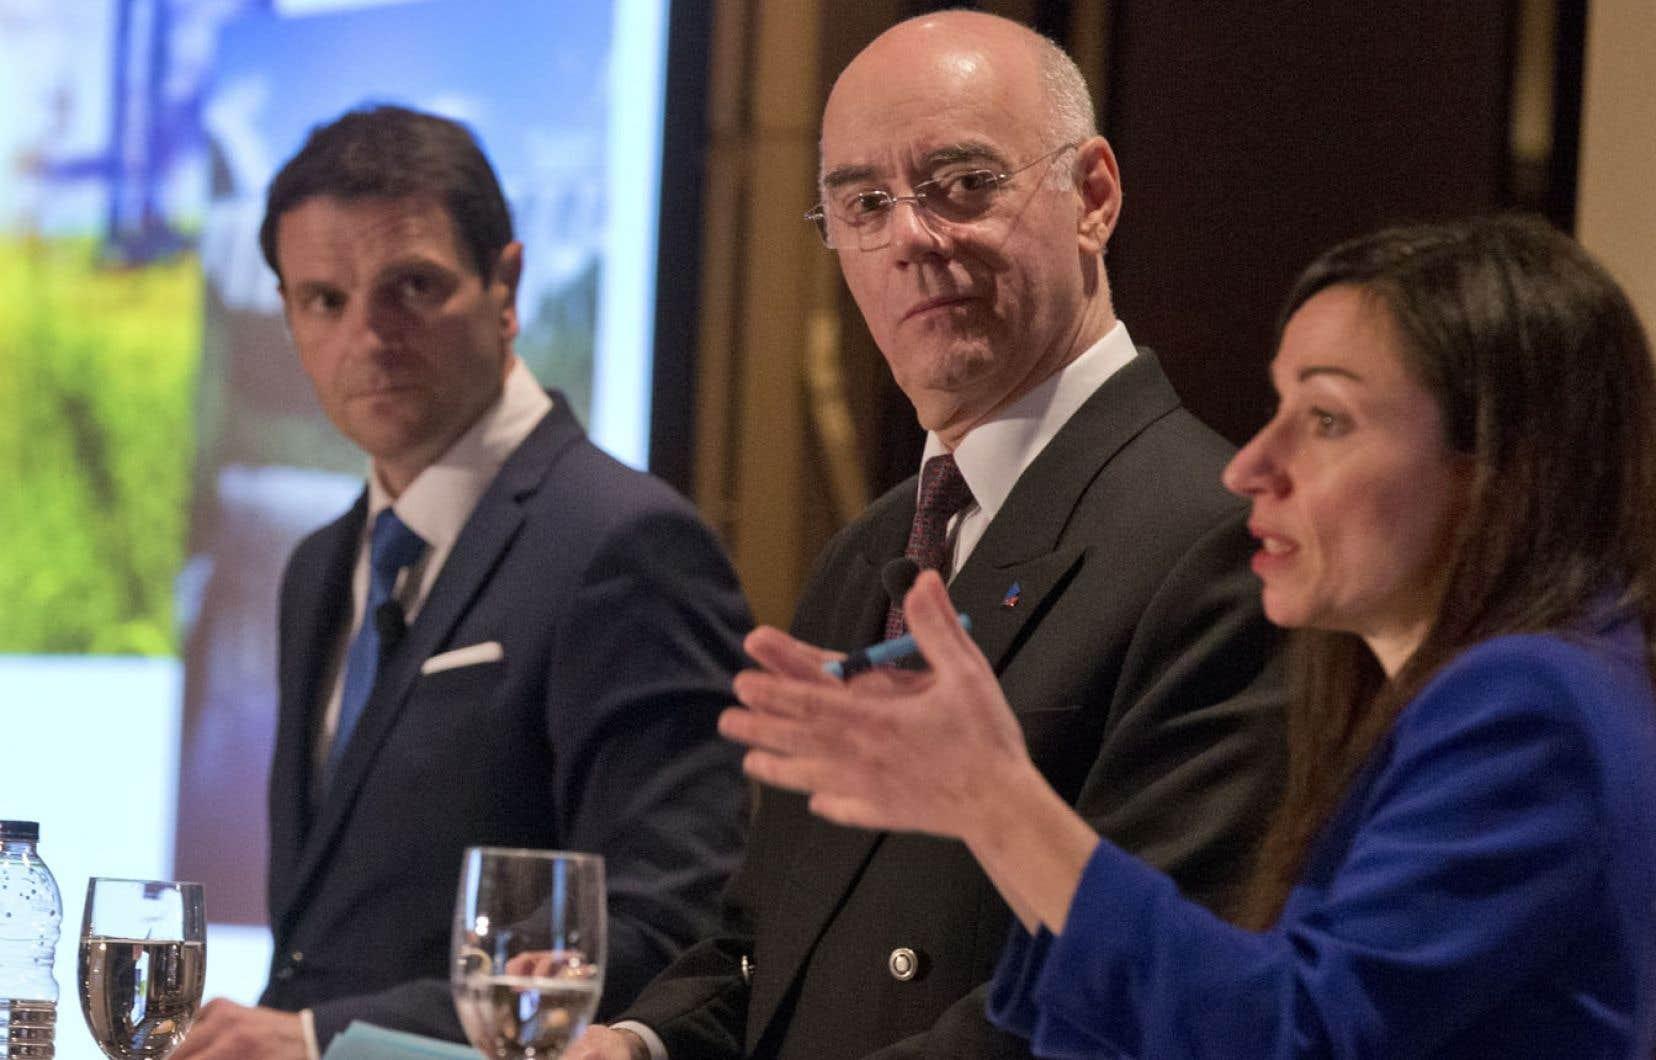 François Bonnardel (CAQ), Jacques Daoust (PLQ) et Martine Ouellet (PQ) ont croisé le fer à l'occasion d'un débat portant sur les ressources naturelles.